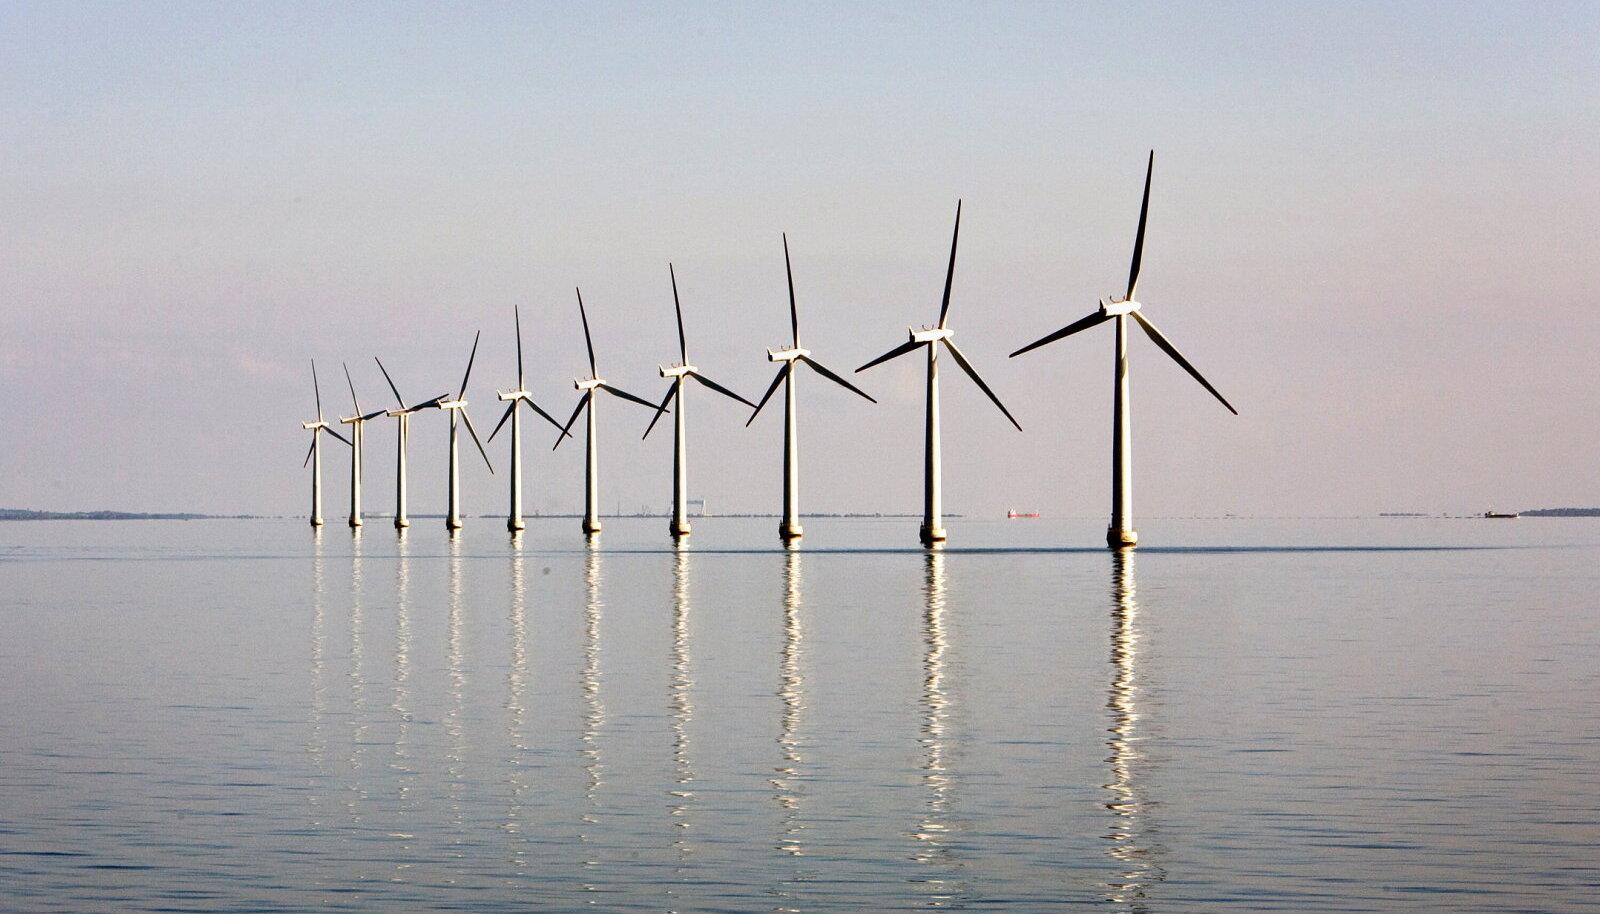 Eestil on ulatuslik tuuleenergia potentsiaal ja võrreldes paljude teiste riikidega saaksime seda kulutõhusamalt kasutusele võtta ning kujundada see oluliseks ekspordiartikliks.